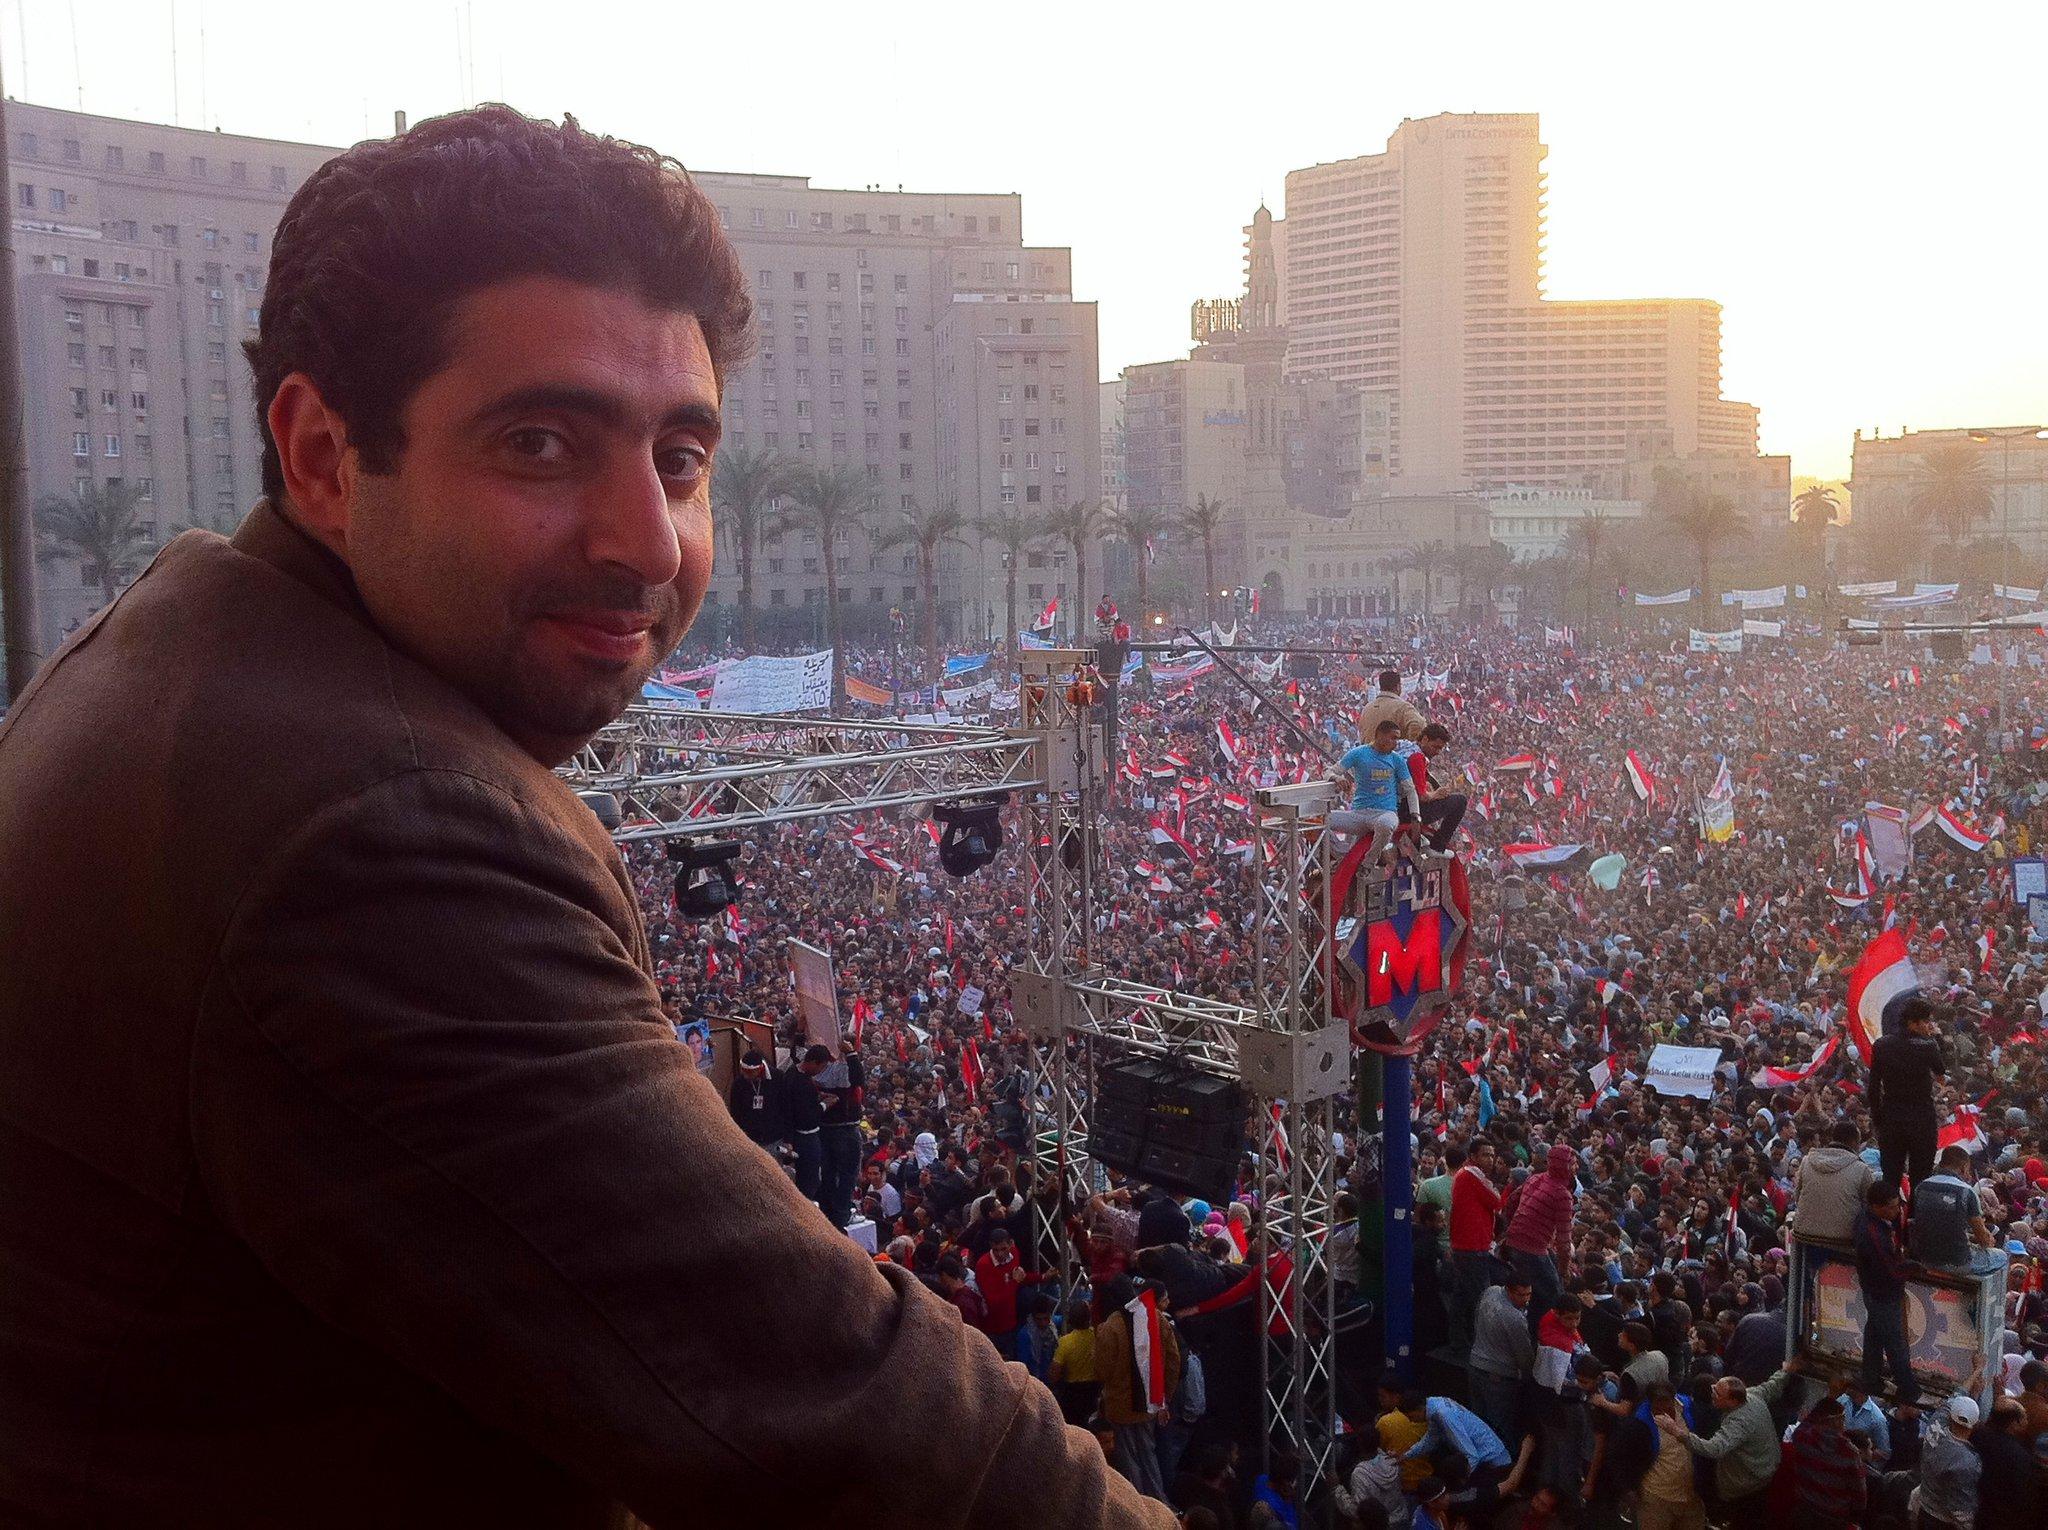 Montaser Marai during Aljazeera covering Arab Spring in Altahrir square in Egypt - January 2011    أنا.. من أنا ؟  أنا ساعةُ العصف الجَميلِ، أنا هُبوبُ الزَّوبعَةْ  وأنا صُعودٌ في الفضاءِ، أنا الحُدودُ المُشْرَعَةْ  وأنا البَيارقُ وَالبَيادقُ وَالفصولُ الأربعَةْ  في لحظة تَلِدُ الزَّمانَ ولا يُطَوِّقُها الزمانُ  وأنا المكانُ لكل من عَزﱠت مراميه وضاق به المكانُ  وأنا مُشاعٌ للعصافير النبيلَةْ  وأنا شِراعُ المُبحرين إلى الشُّطوط المُستحيلَةْ  وأنا فَراشٌ دائرٌ..  أنّى تدور به جَديلَةْ    * شعر د. وليد سيف - الحب ثانيةً